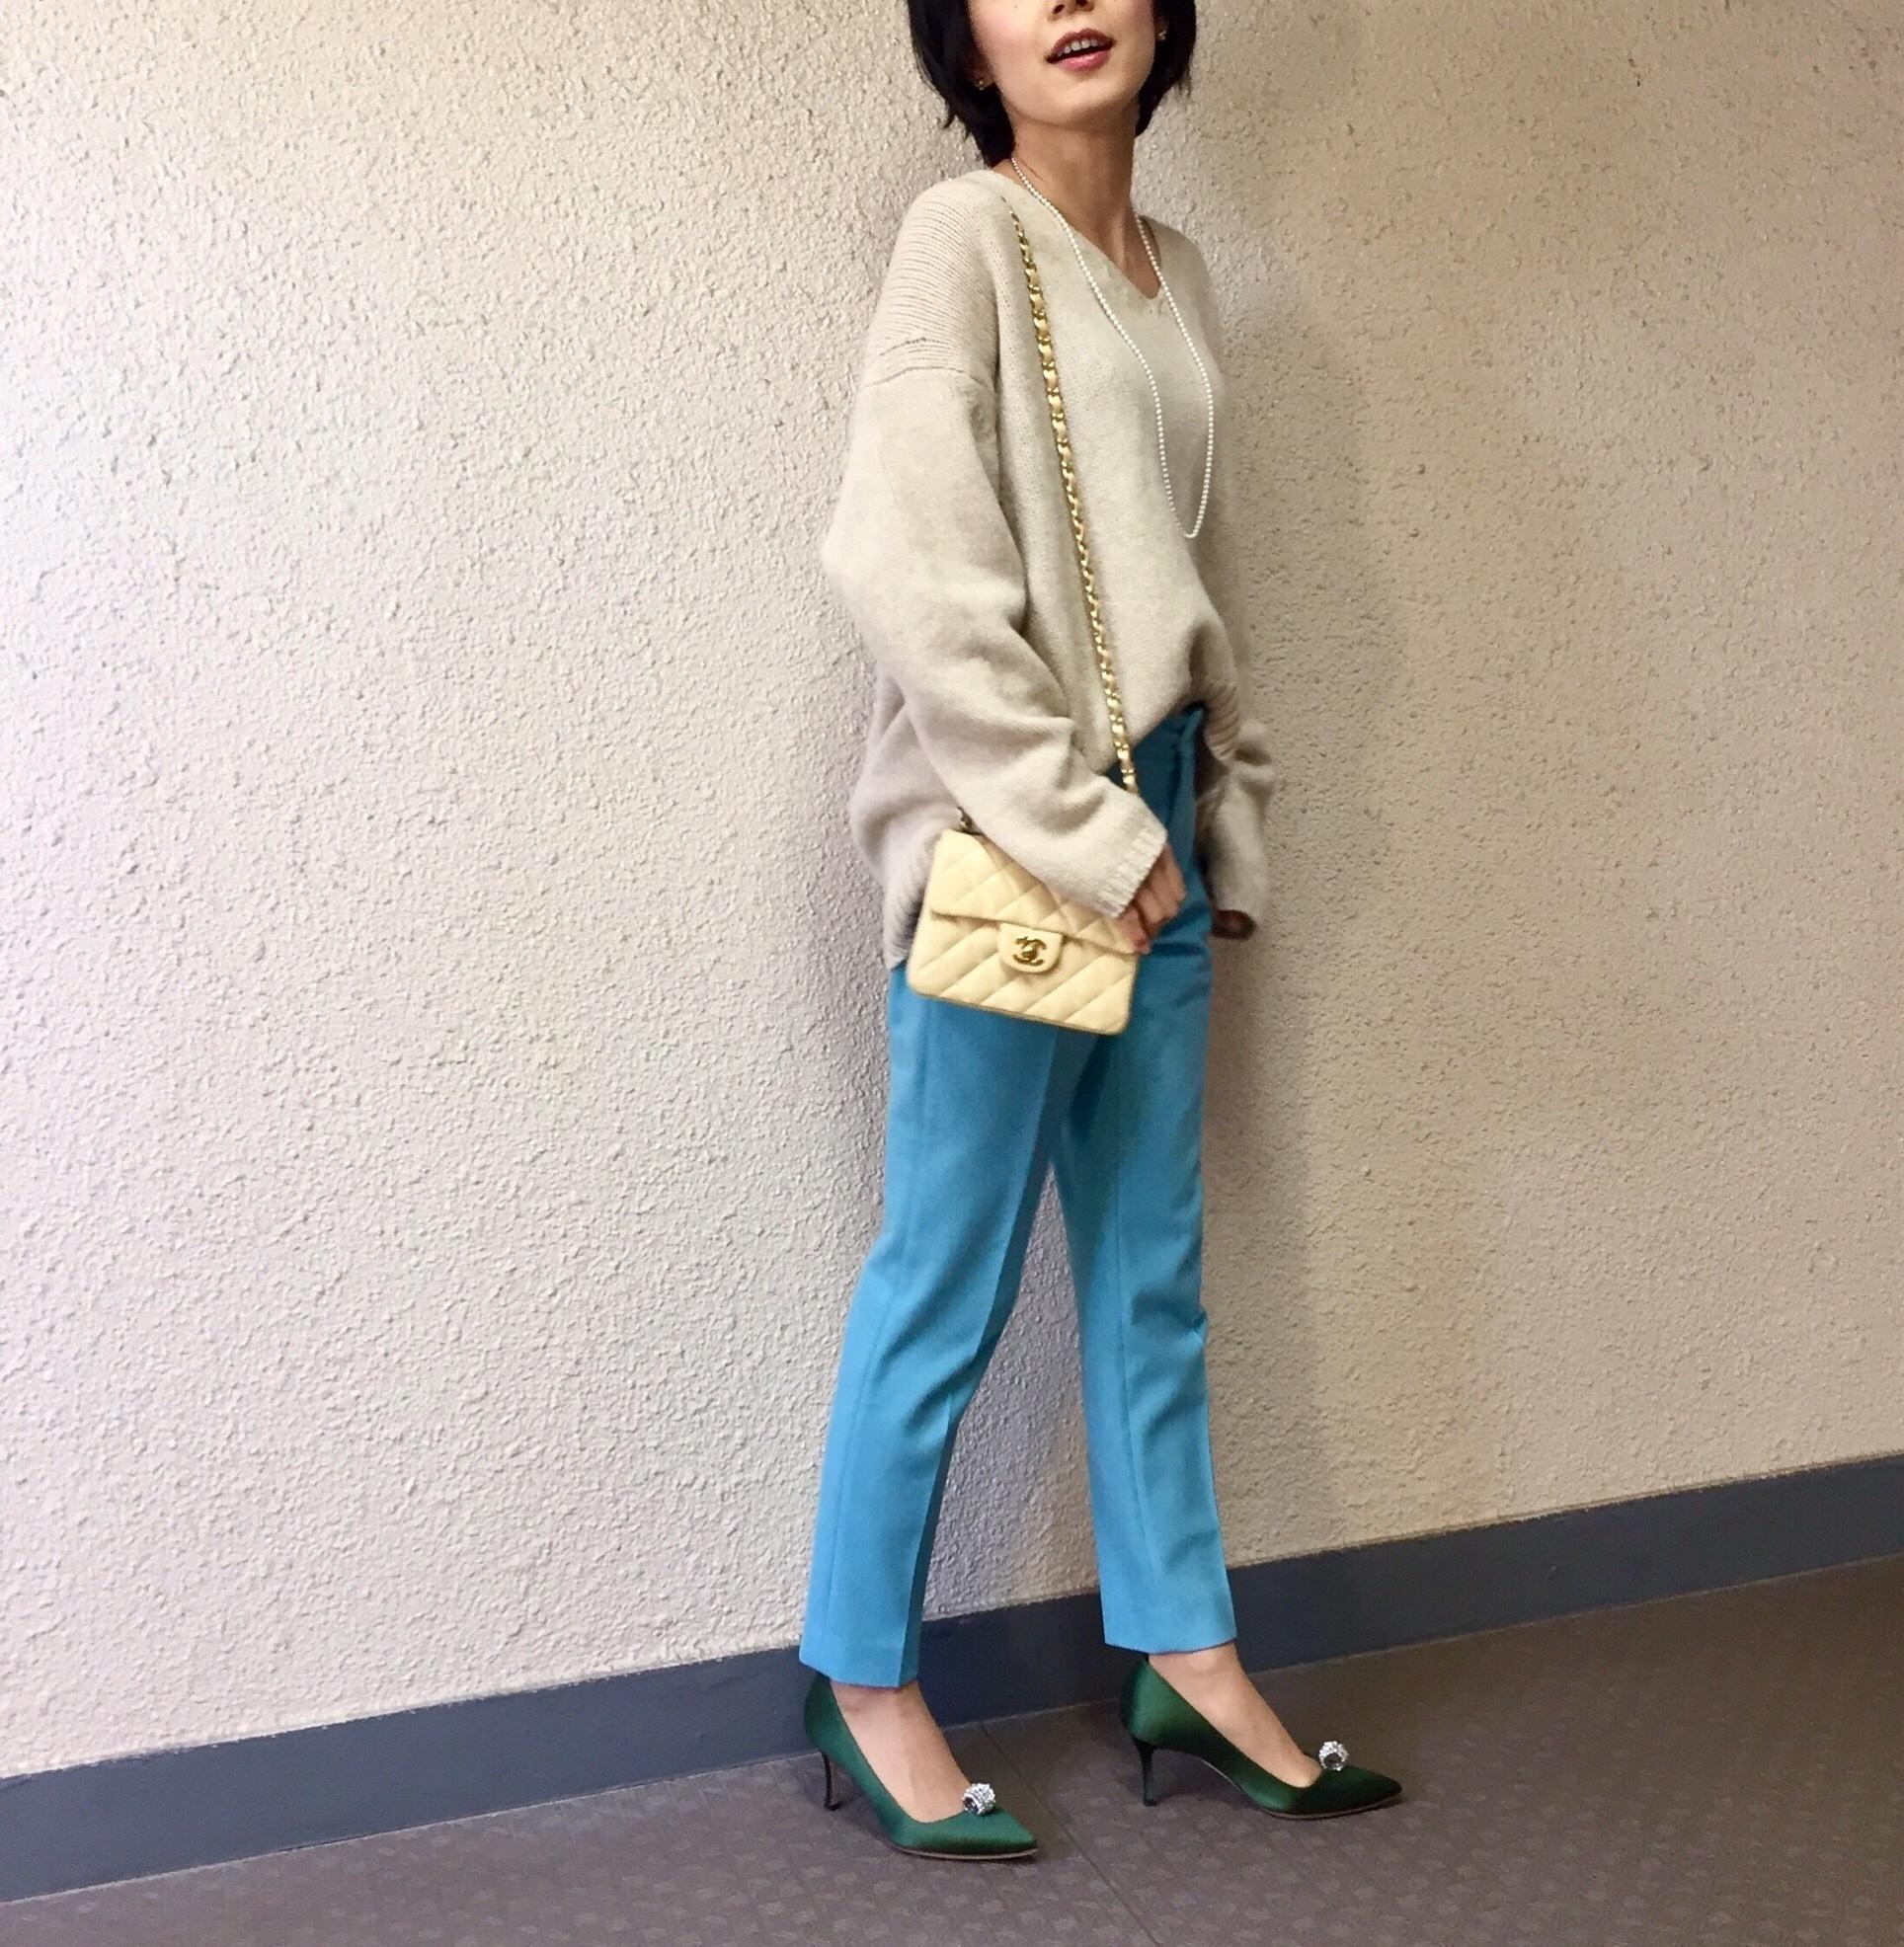 冬のきれい色で、気分を上げて【マリソル美女組ブログPICK UP】_1_1-4